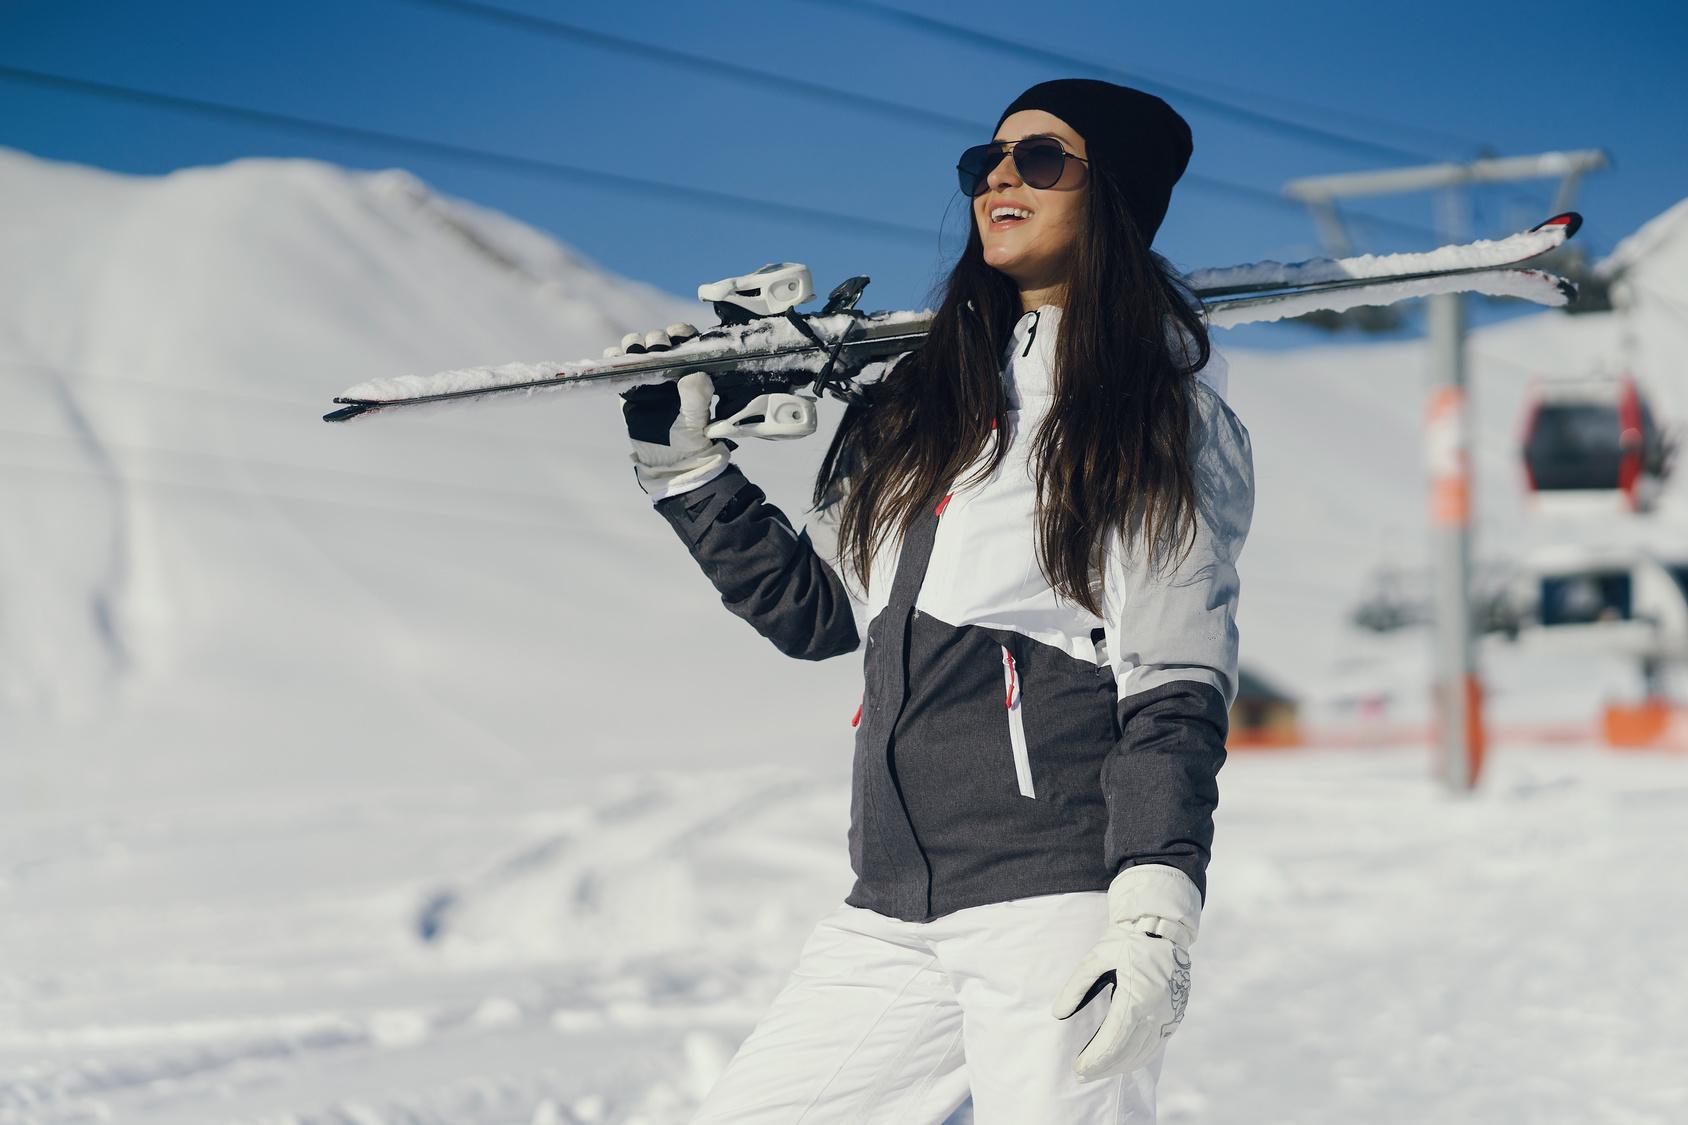 52e0ff05de54ac Odzież sportowa i narciarska – konserwacja i pranie po owocnym sezonie. |  Pralnia Lemon Fresh